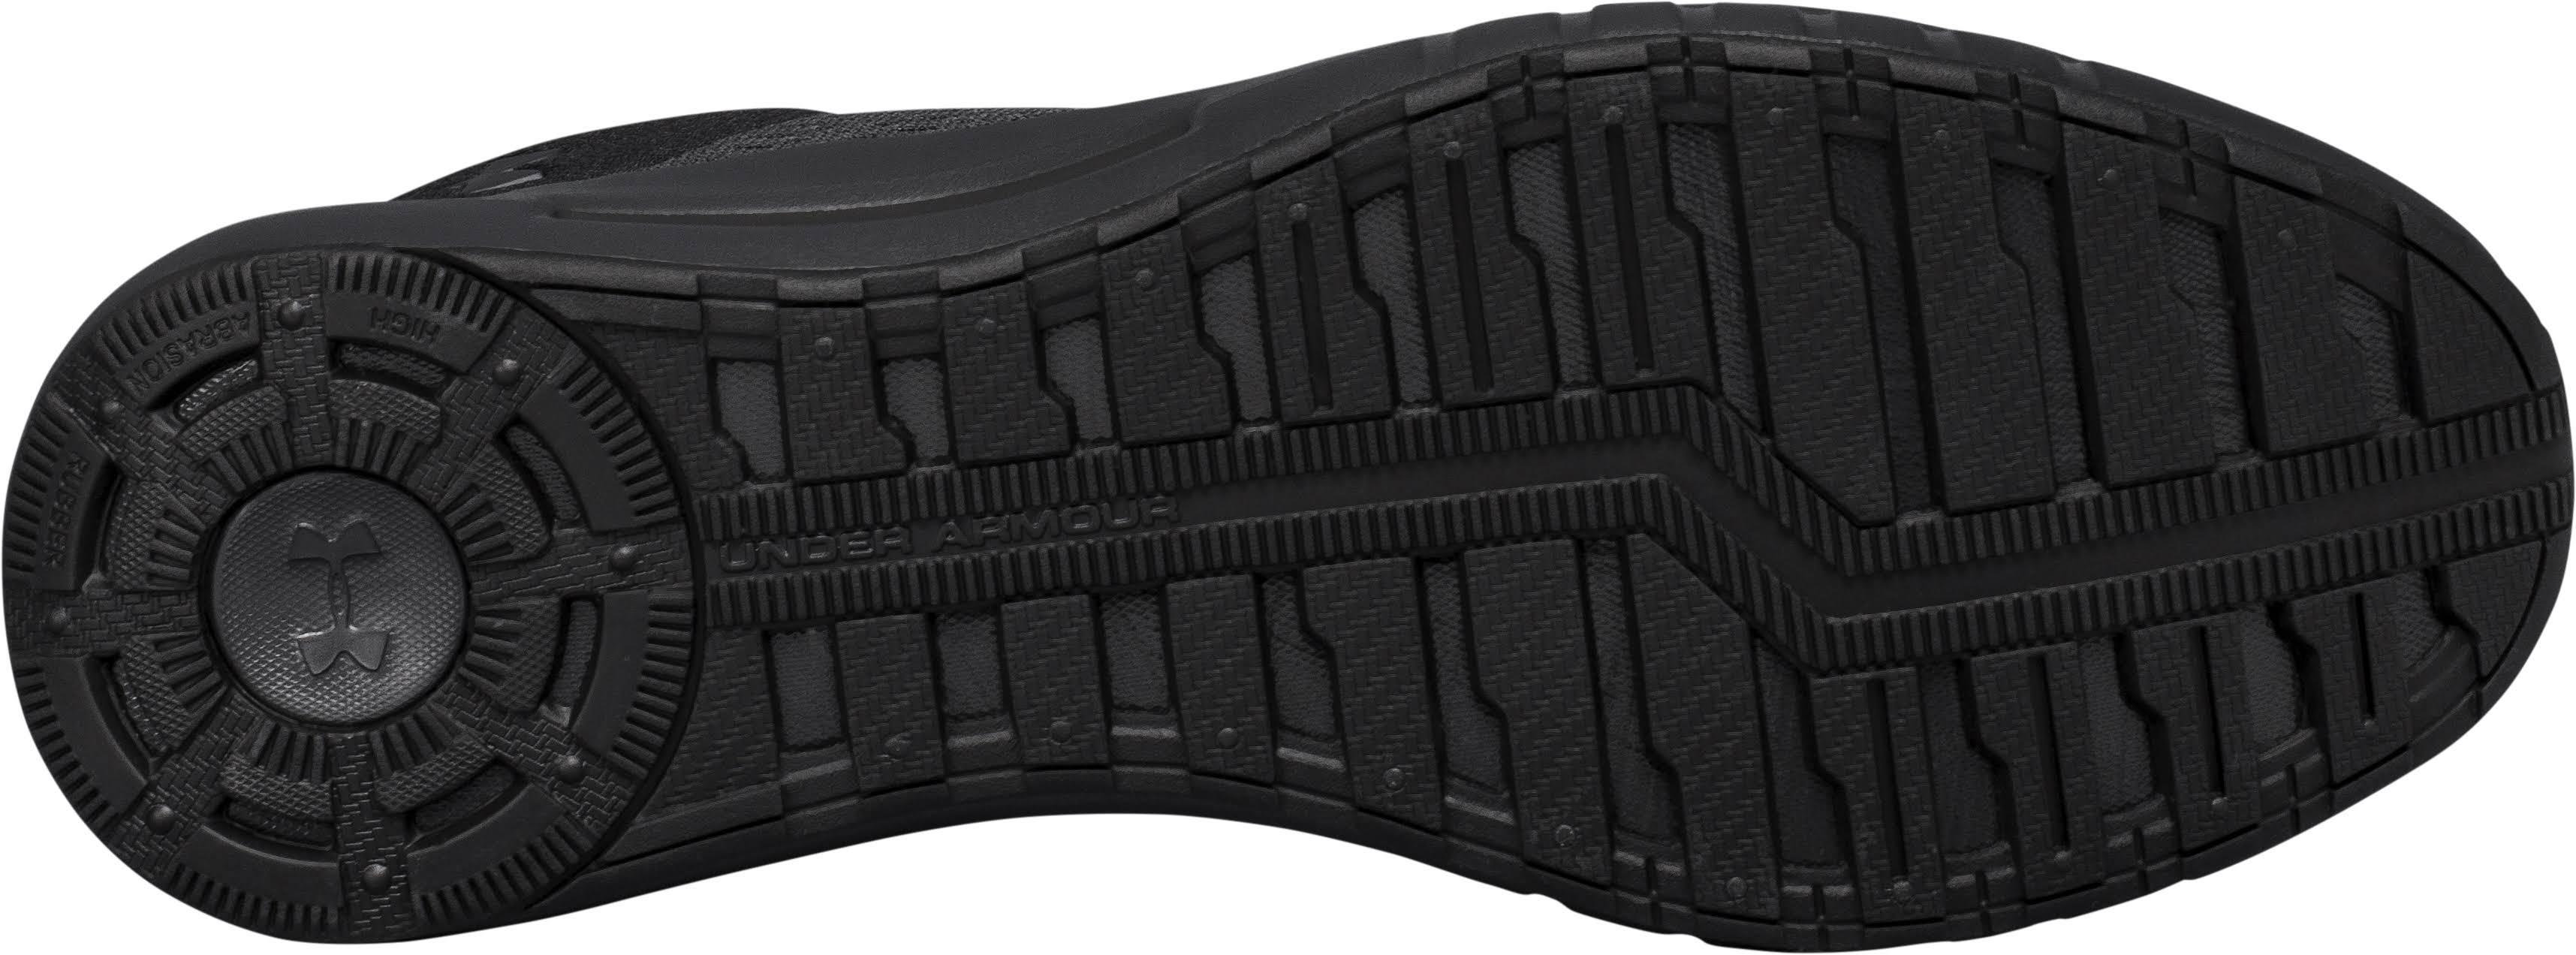 Pursuit 9 Schwarz Armour Micro 0 G Under Ua Shoes 3000011104 xvCXf6qpw